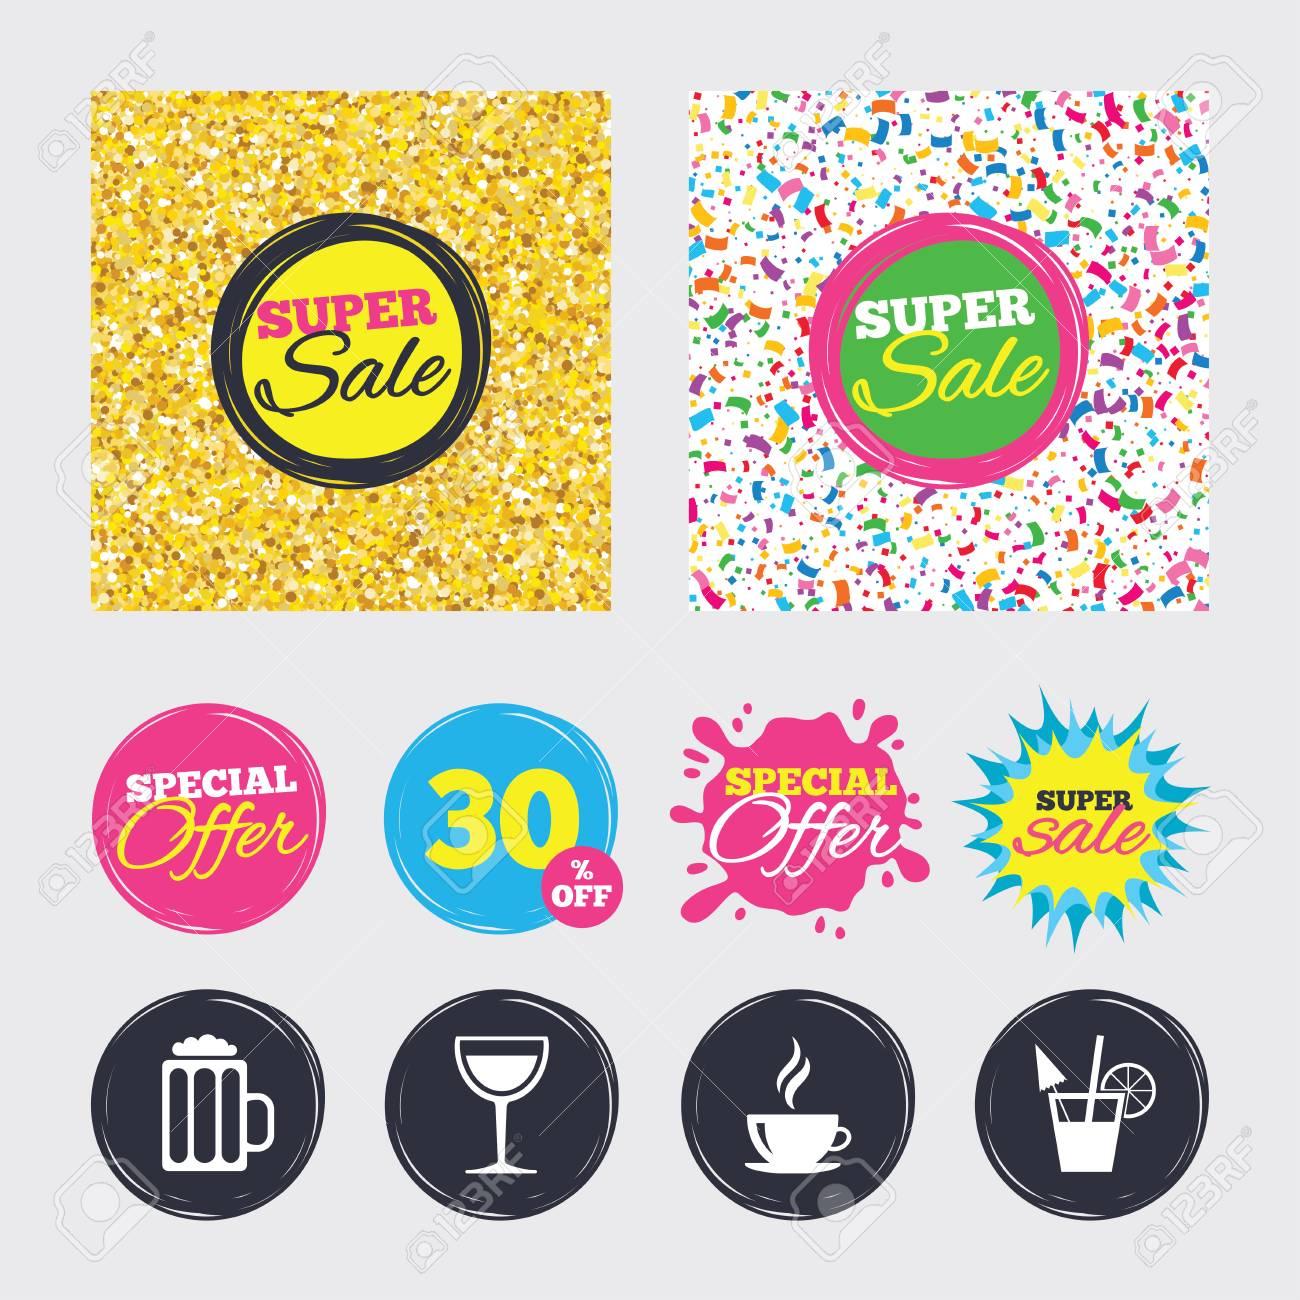 Gold Glitter Und Konfetti Hintergrnde Abdeckungen Poster Flyer Design Getrnke Symbole